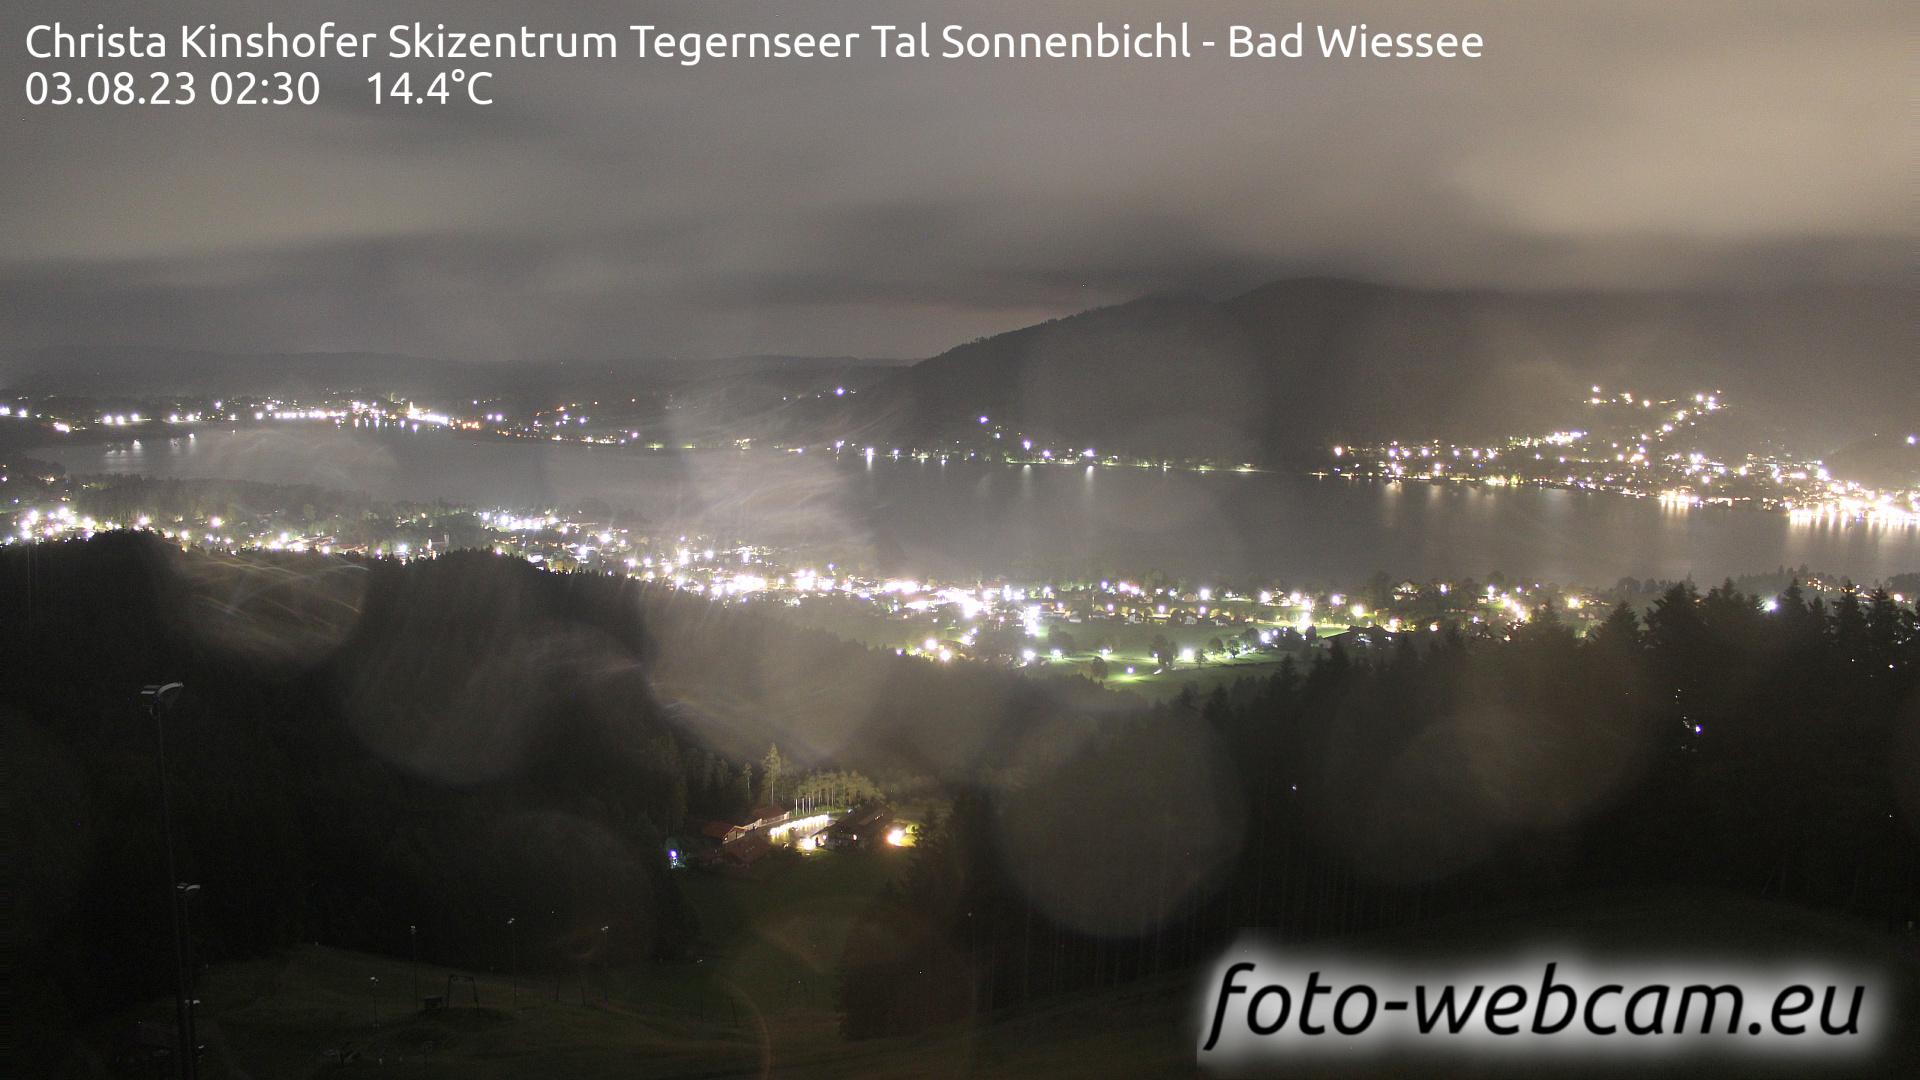 Bad Wiessee Wed. 02:48